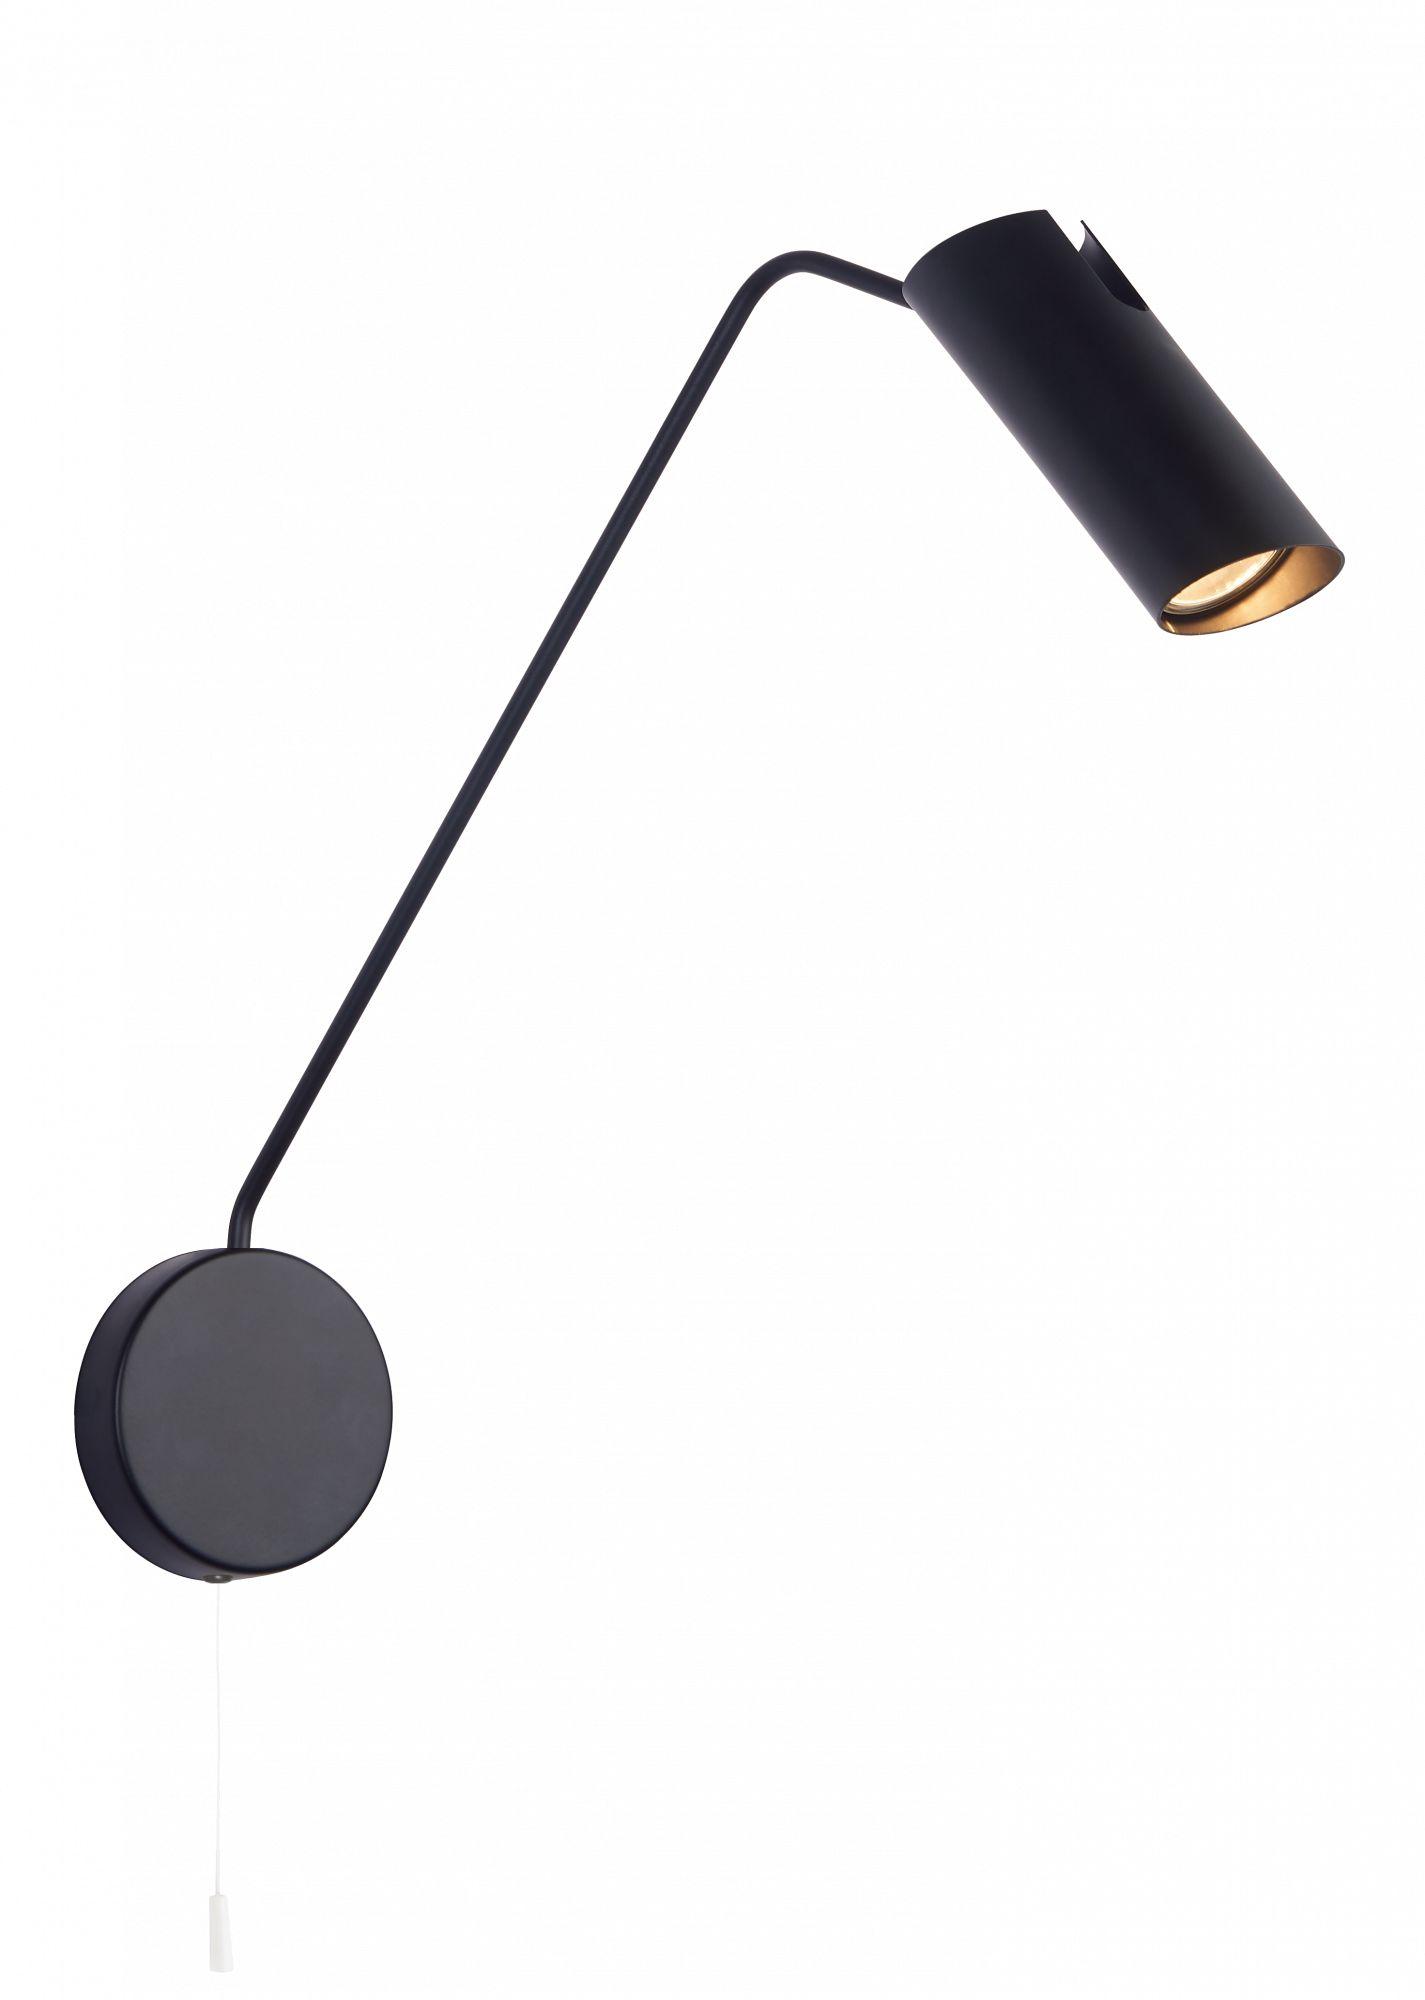 Kinkiet Futuro LP-17001/1WL BK Light Prestige minimalistyczna lampa ścienna z wysięgnikiem w kolorze czarnym